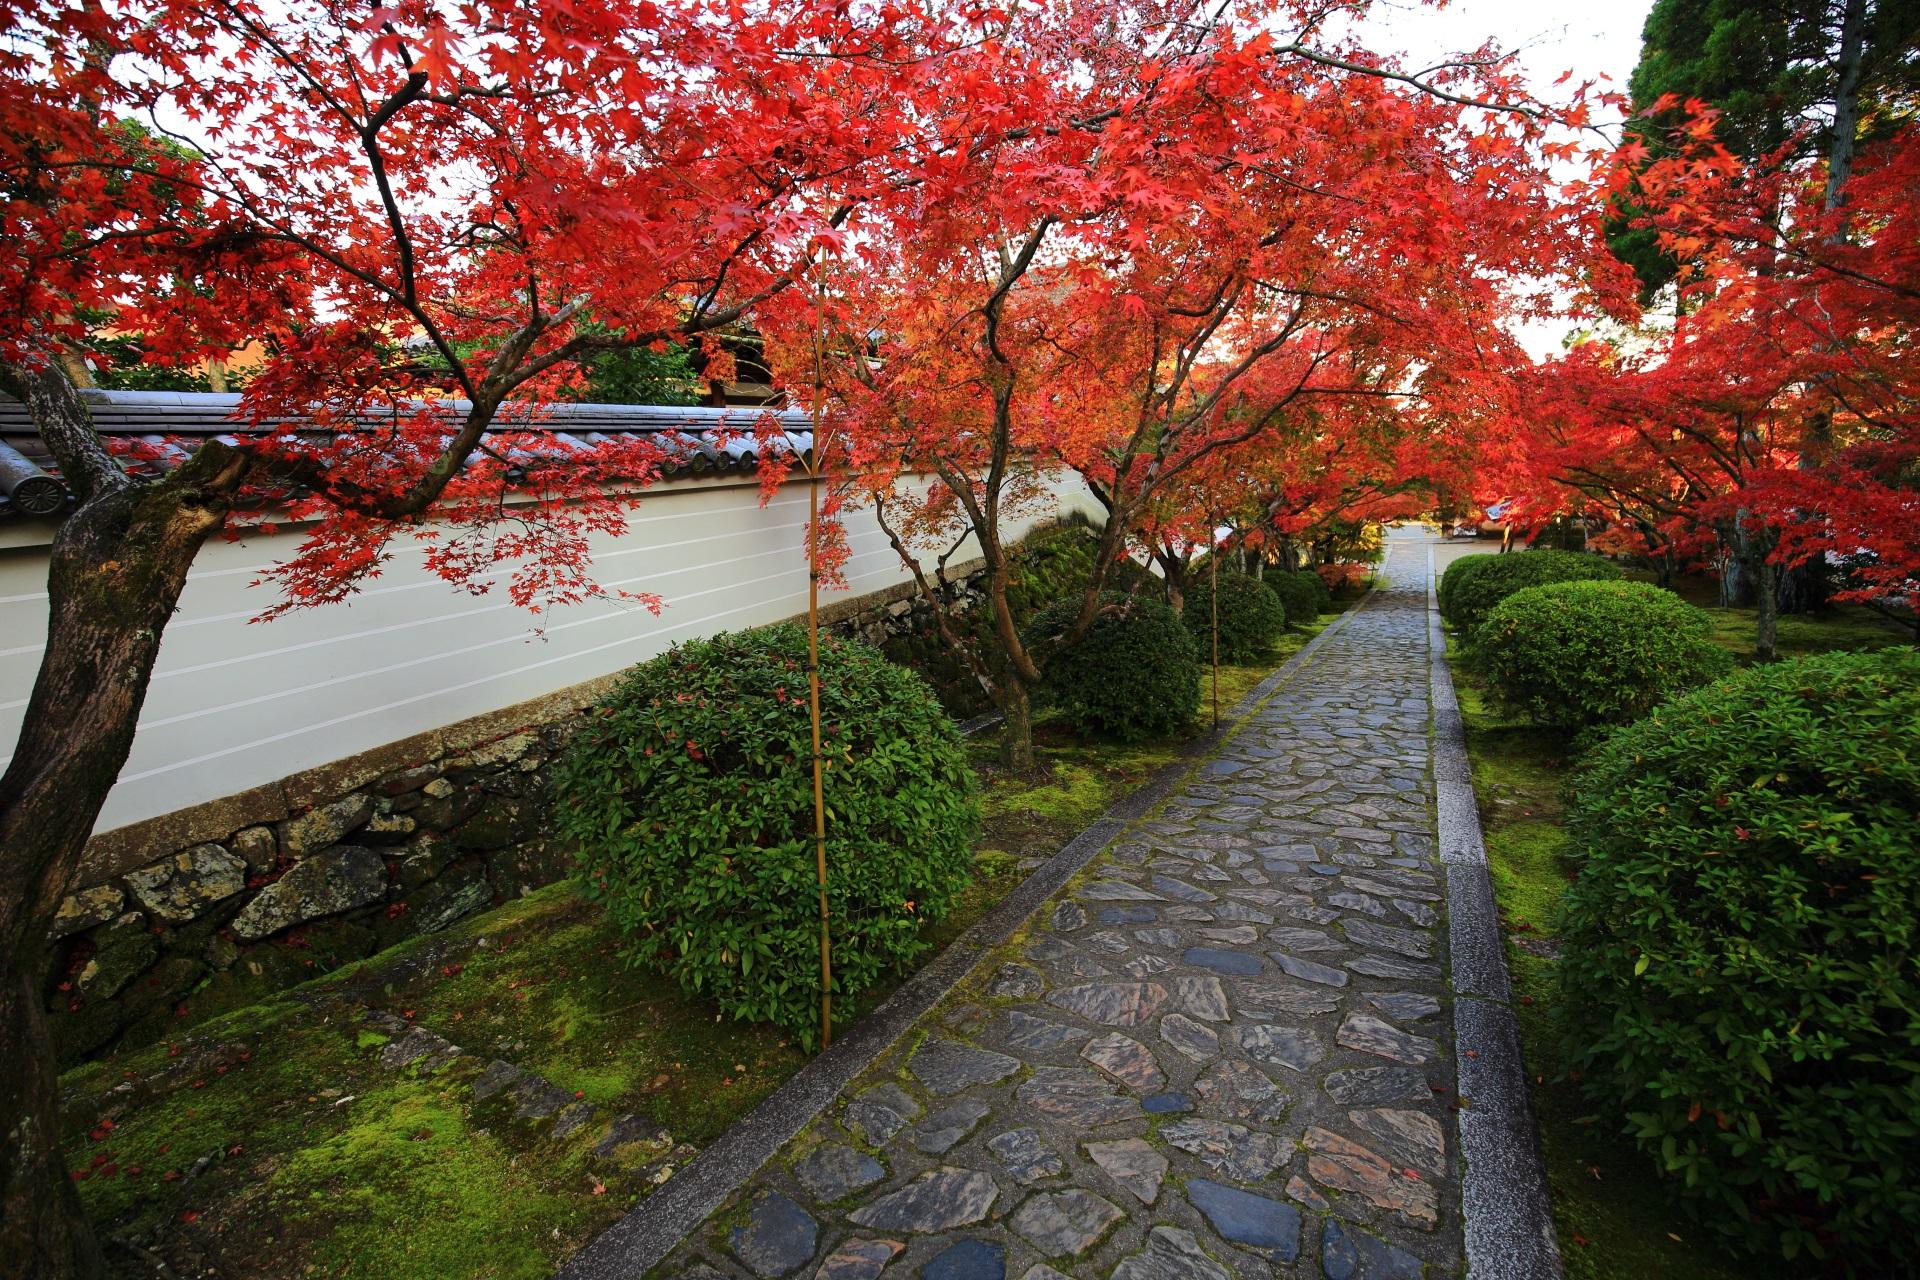 上から眺めた参道と紅葉